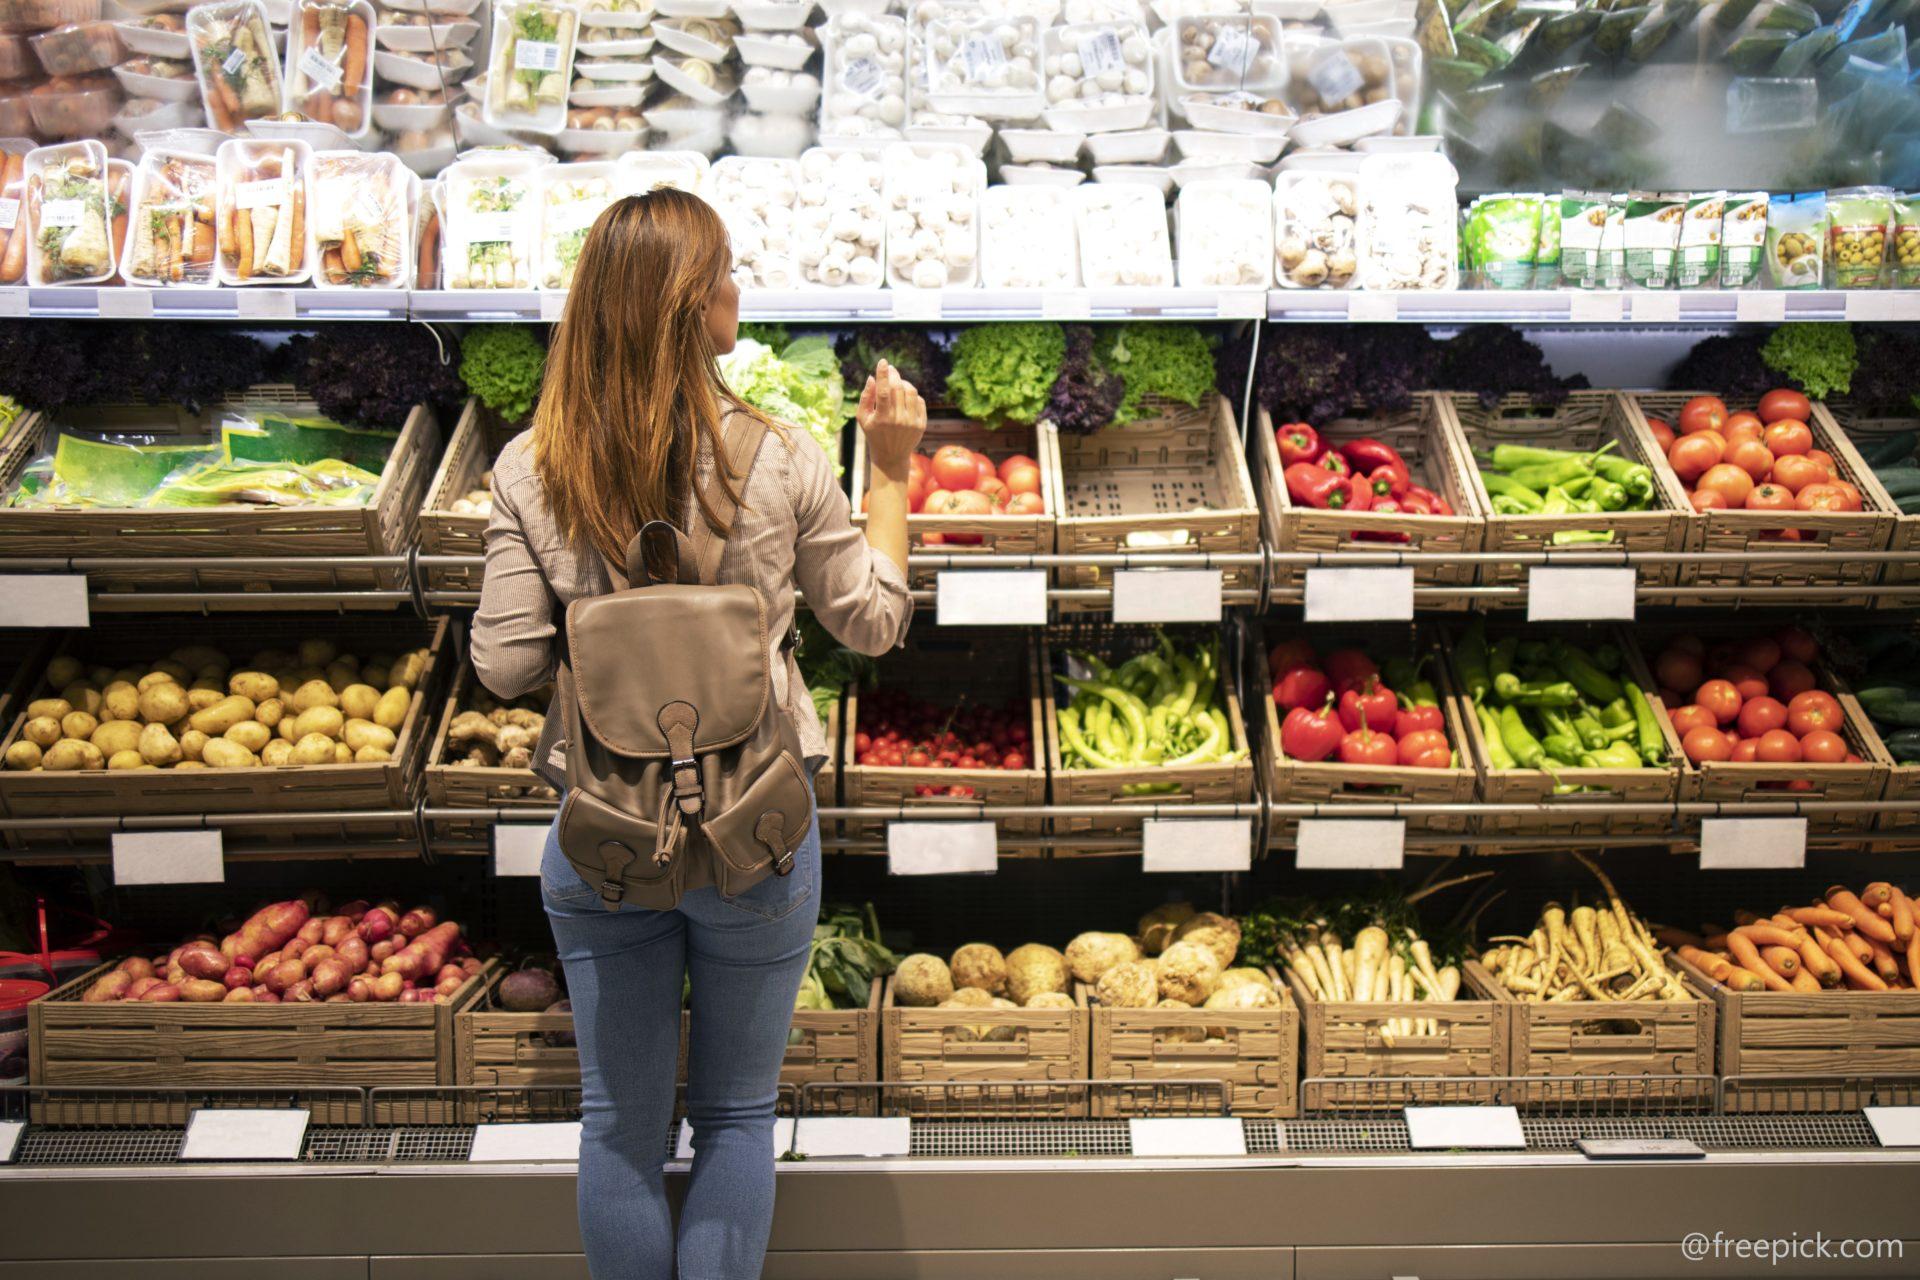 gesunde Ernährung, Gemüse, Obst, Einkaufen, Lebensmittel